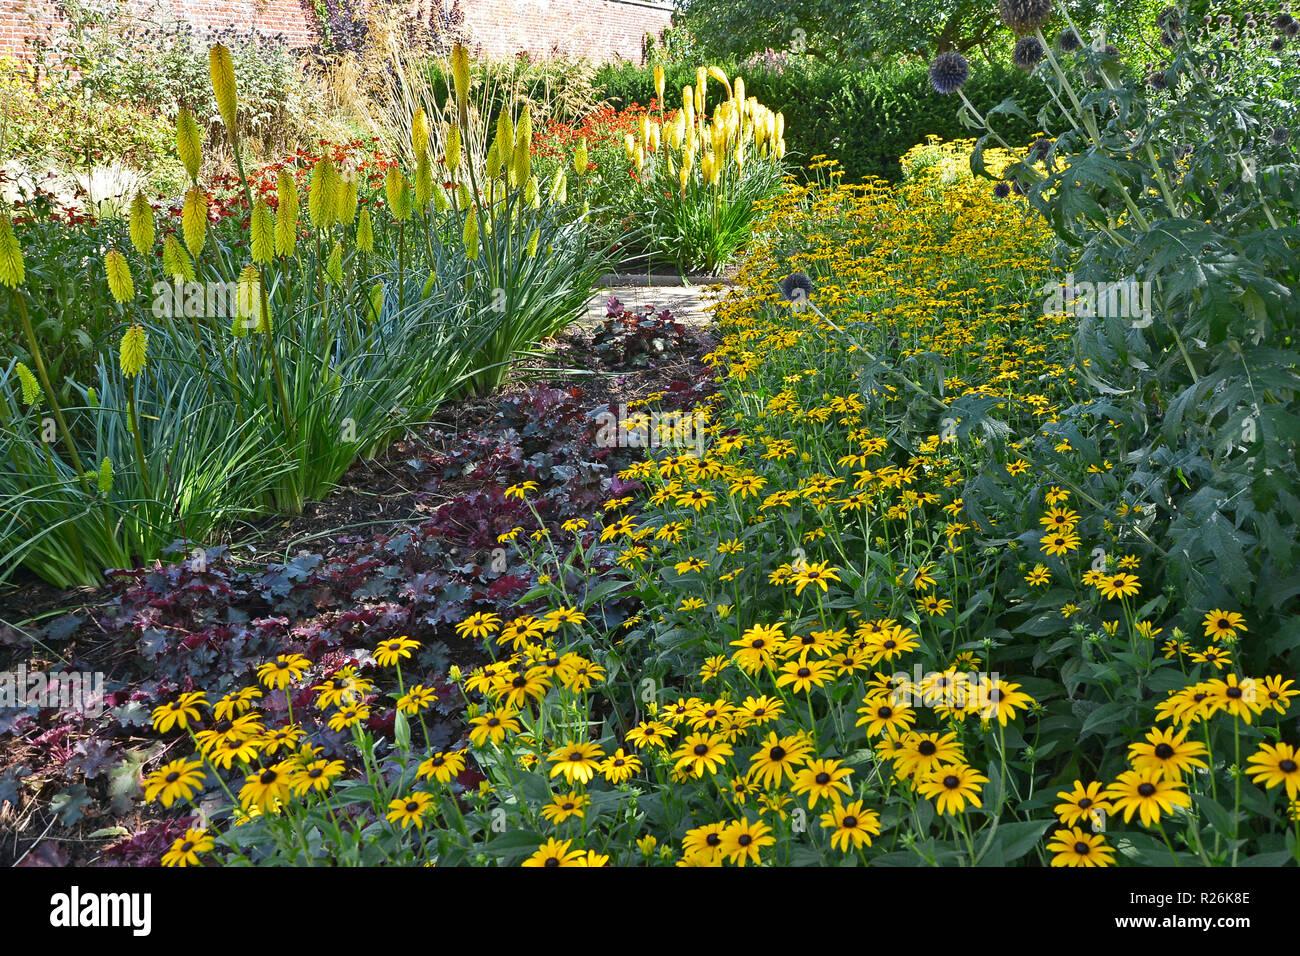 Fiori colorati in frontiera con Kniphofia e Rudbeckia in un paese giardino Foto Stock